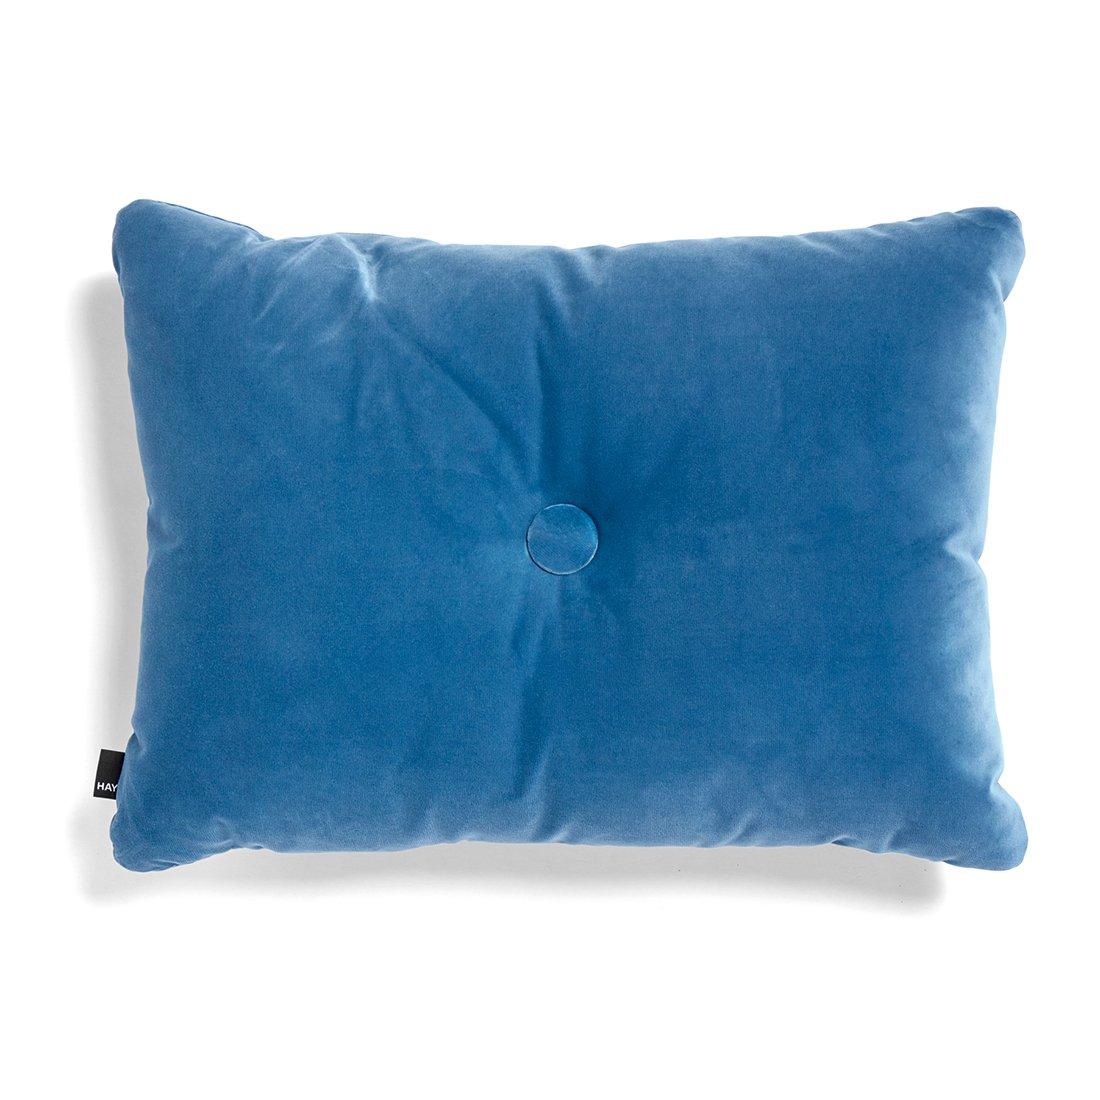 HAY Dot Cushion 1 Knoop Velours Kussen - Blauw